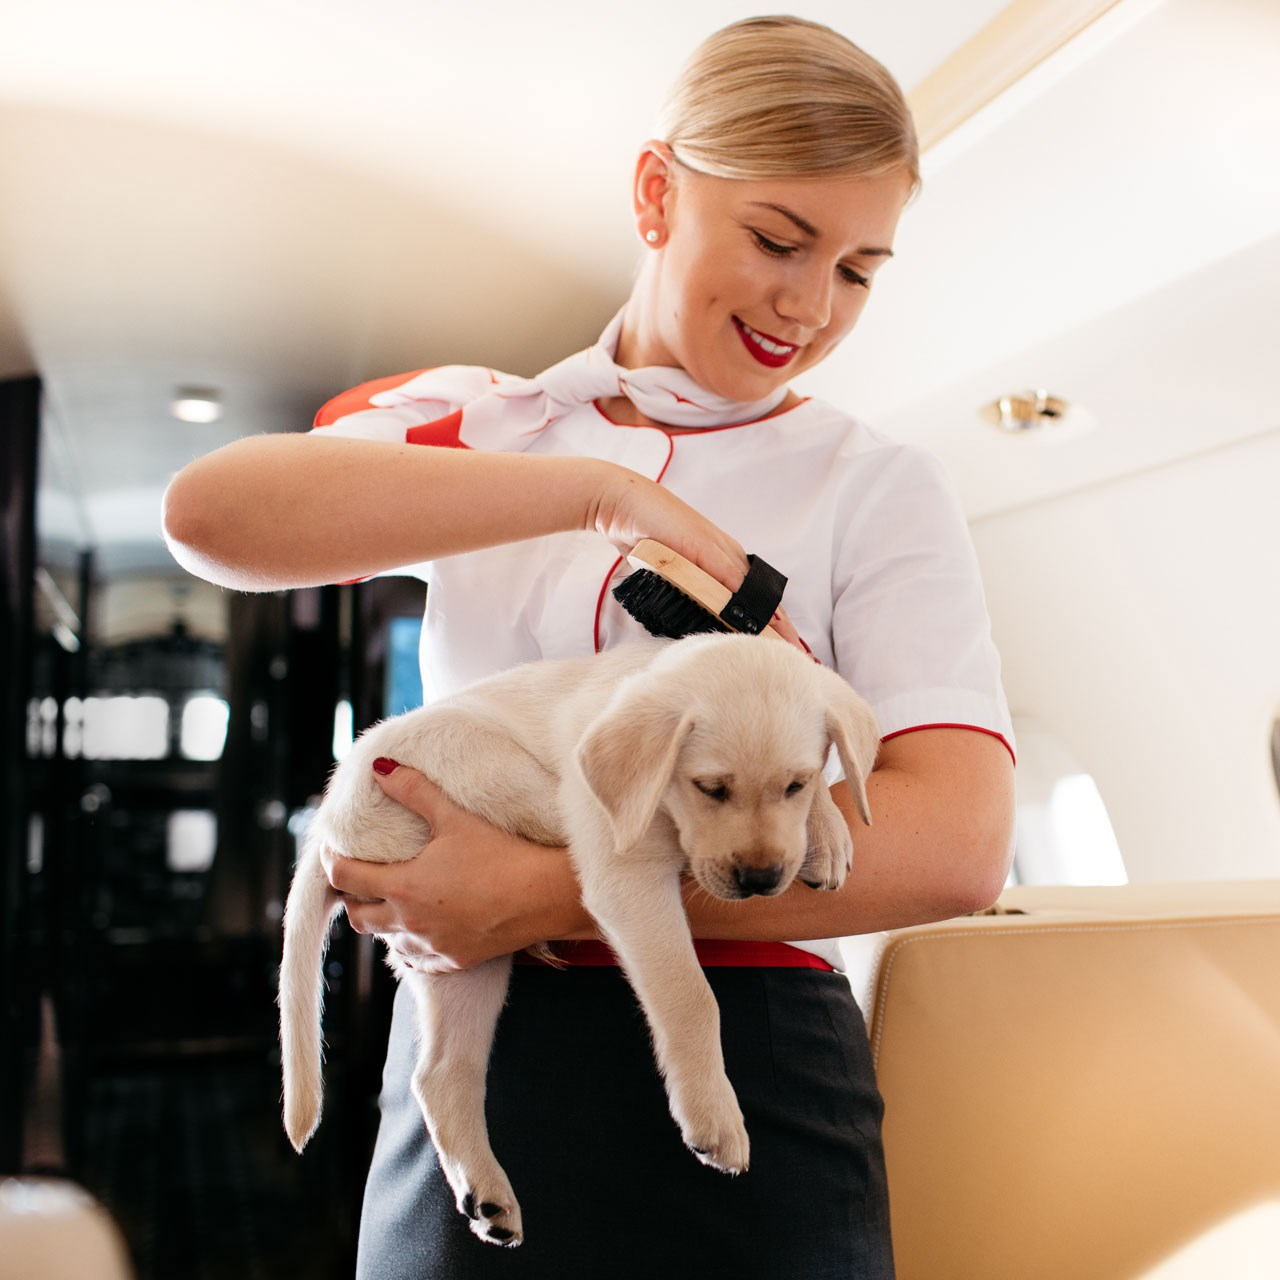 VistaJet dog on board private jet